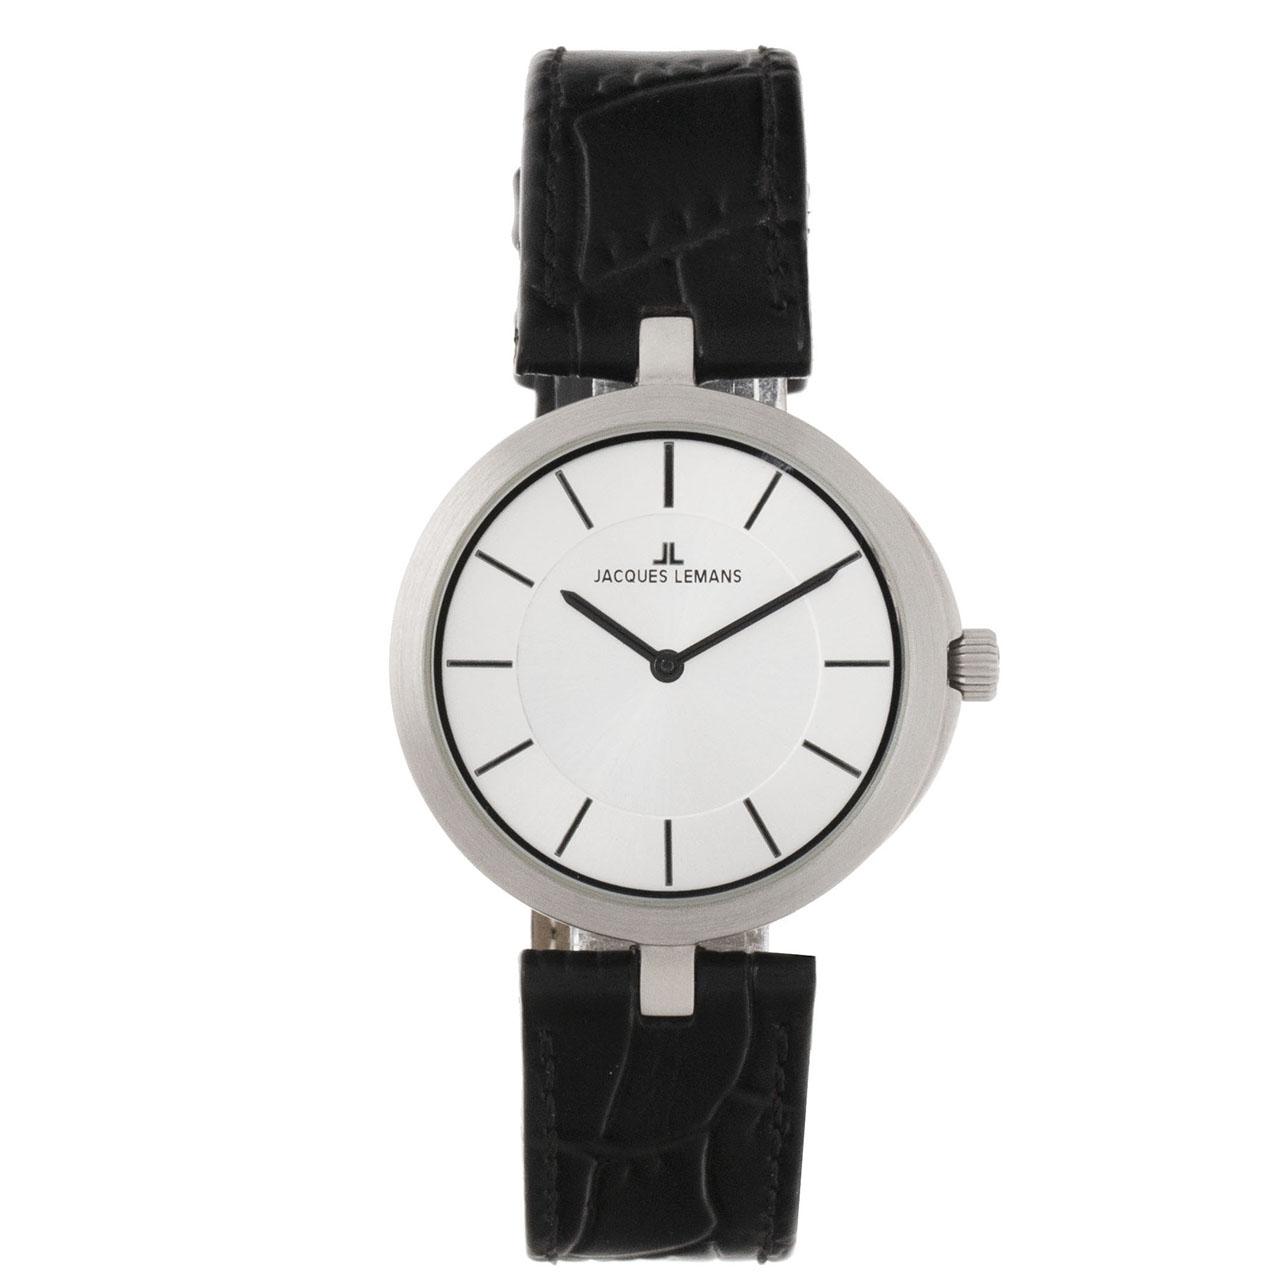 ساعت مچی عقربه ای مردانه ژاک لمن مدل 1-1663B